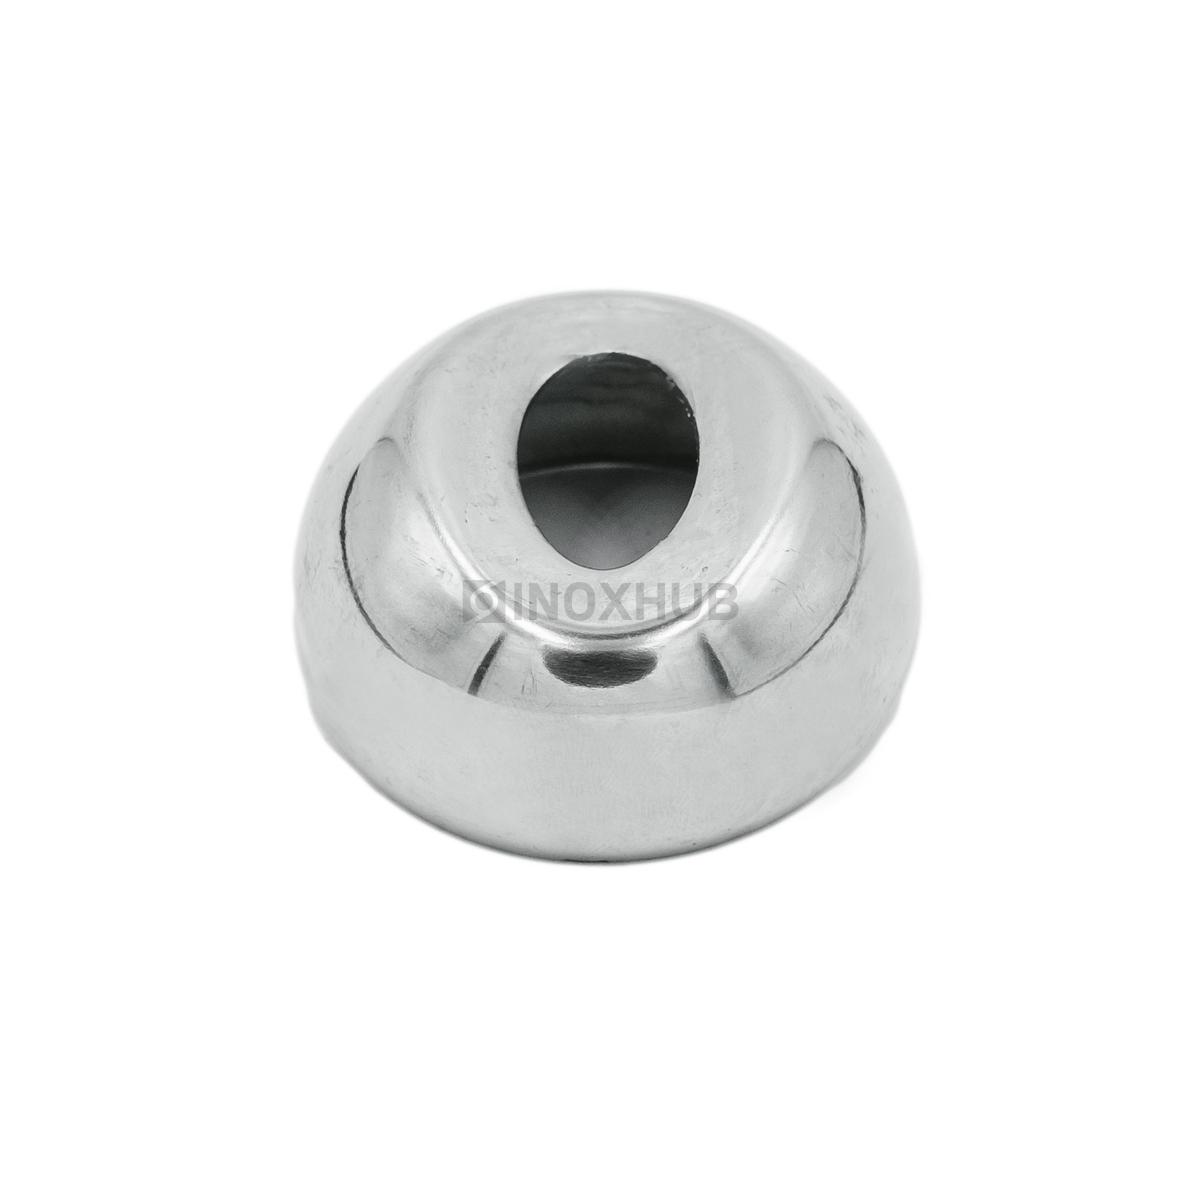 Соединение поручня со стойкой штамп. под 90° Ø50.8 мм AISI 304 GRIT 600